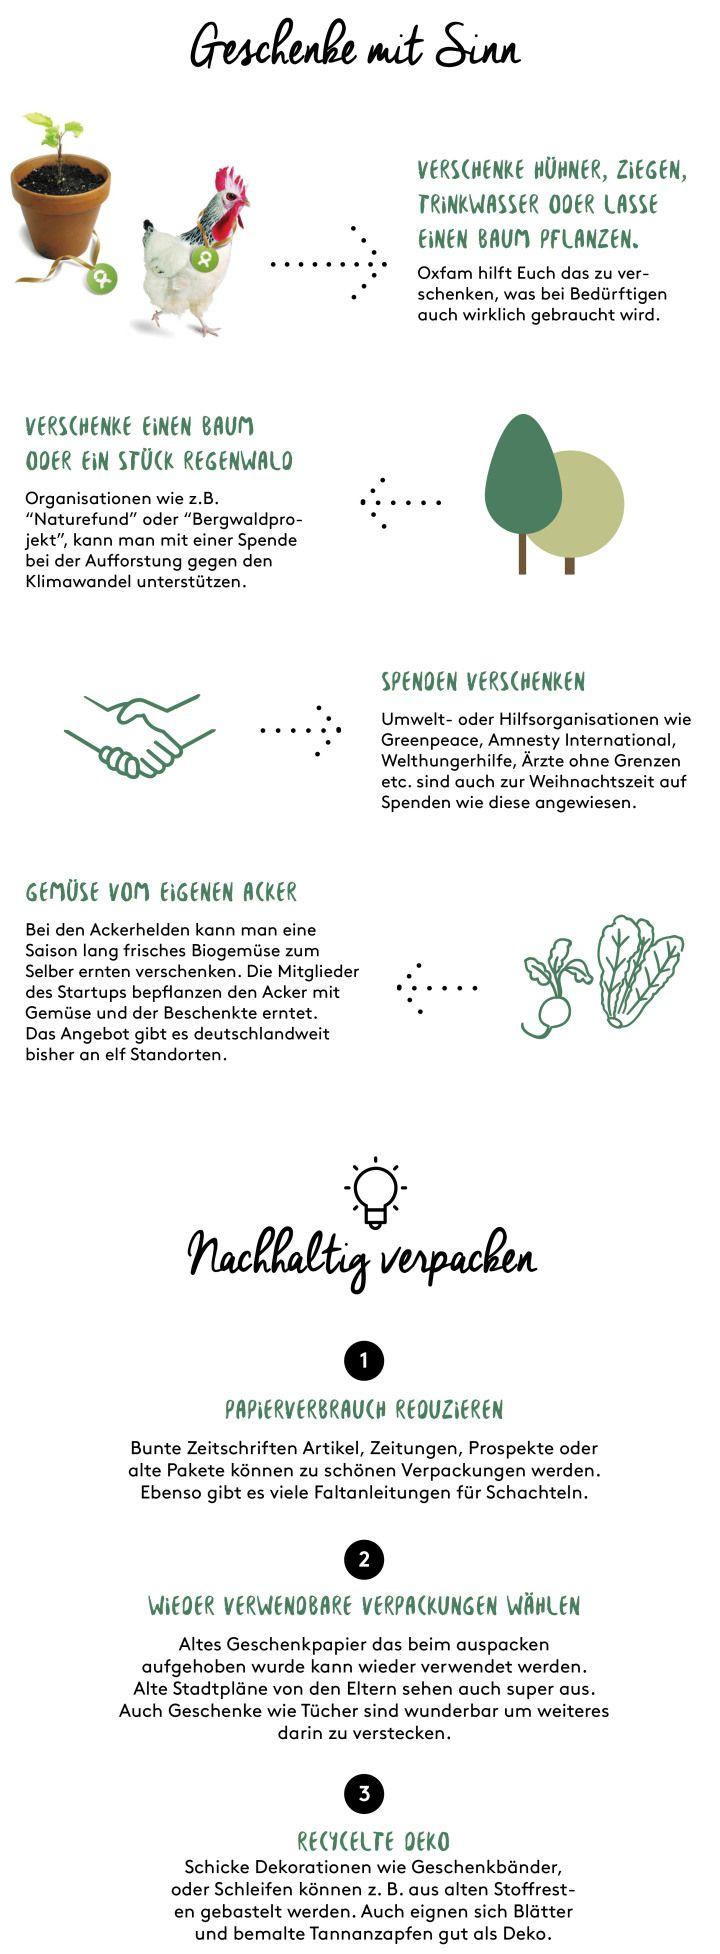 Nachhaltige Geschenke | Pinterest | Weihnachtsgeschenk ideen ...